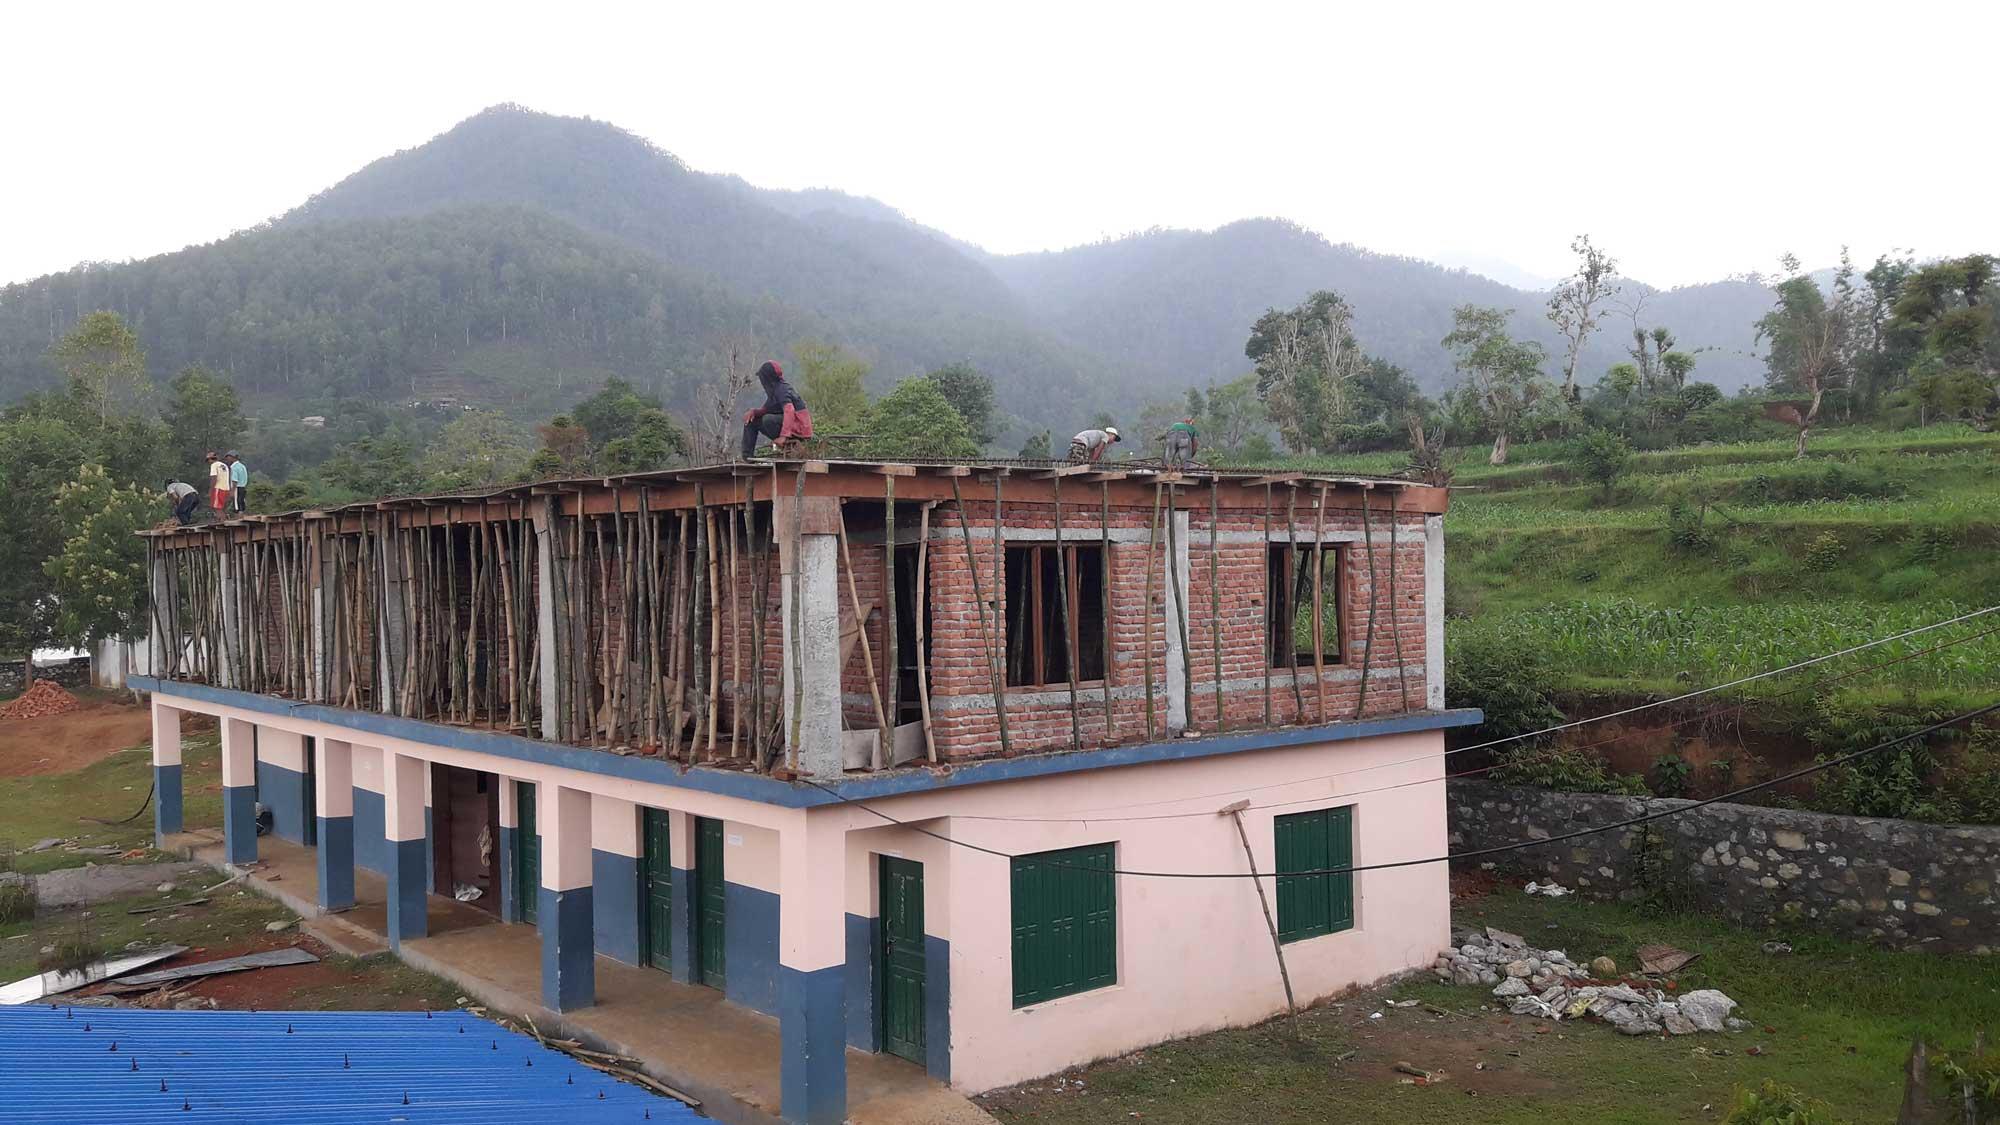 (Català) Continua amb èxit la construcció de l'escola de Kyamin